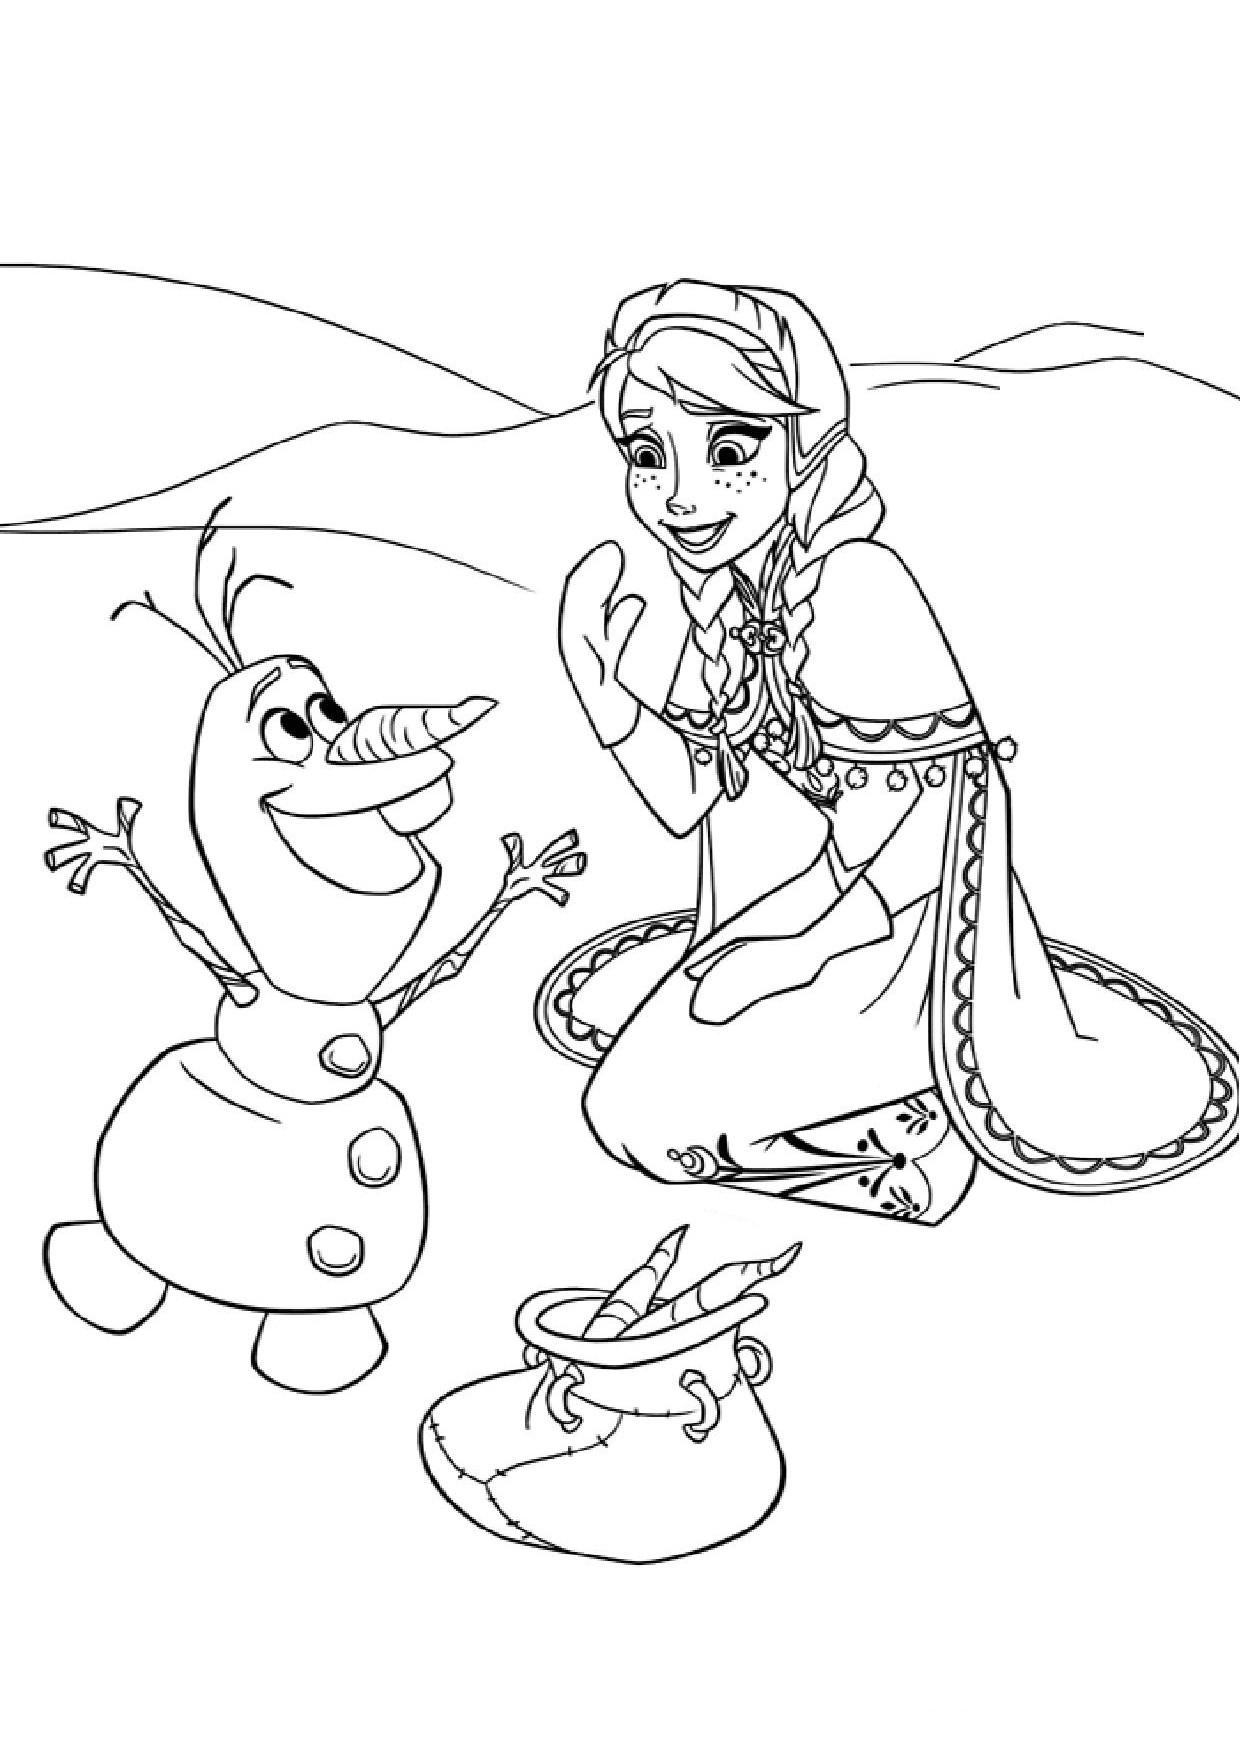 Coloriage De Noel Princesse Disney | Imprimer Et Obtenir tout Coloriage À Imprimer Gratuit Reine Des Neiges